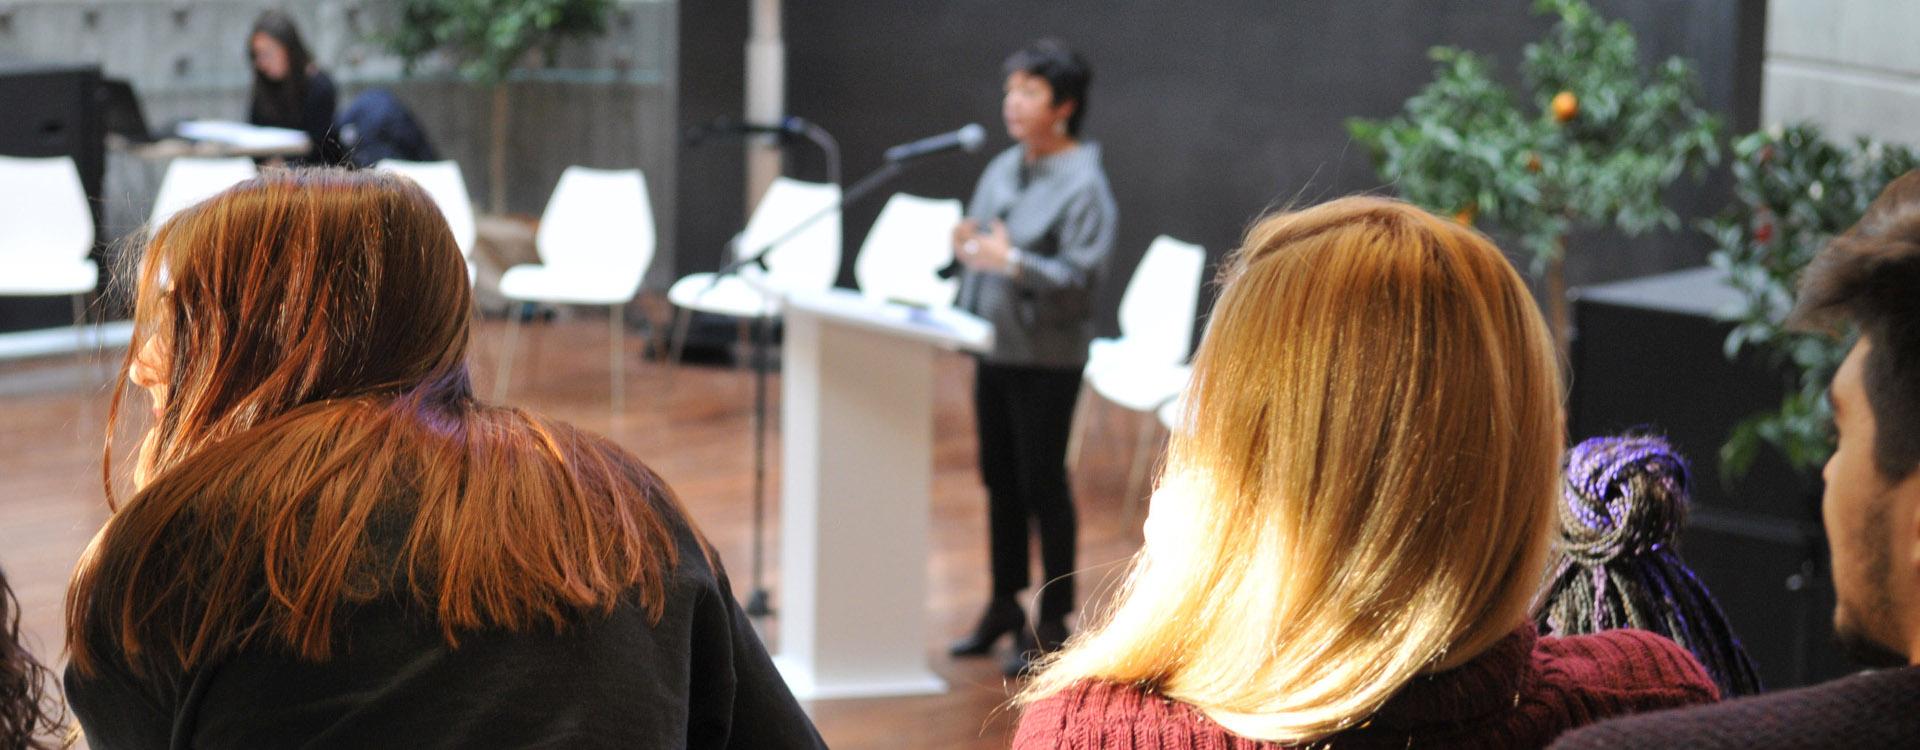 Foto: conferenza. Archivio Città metropolitana di Bologna